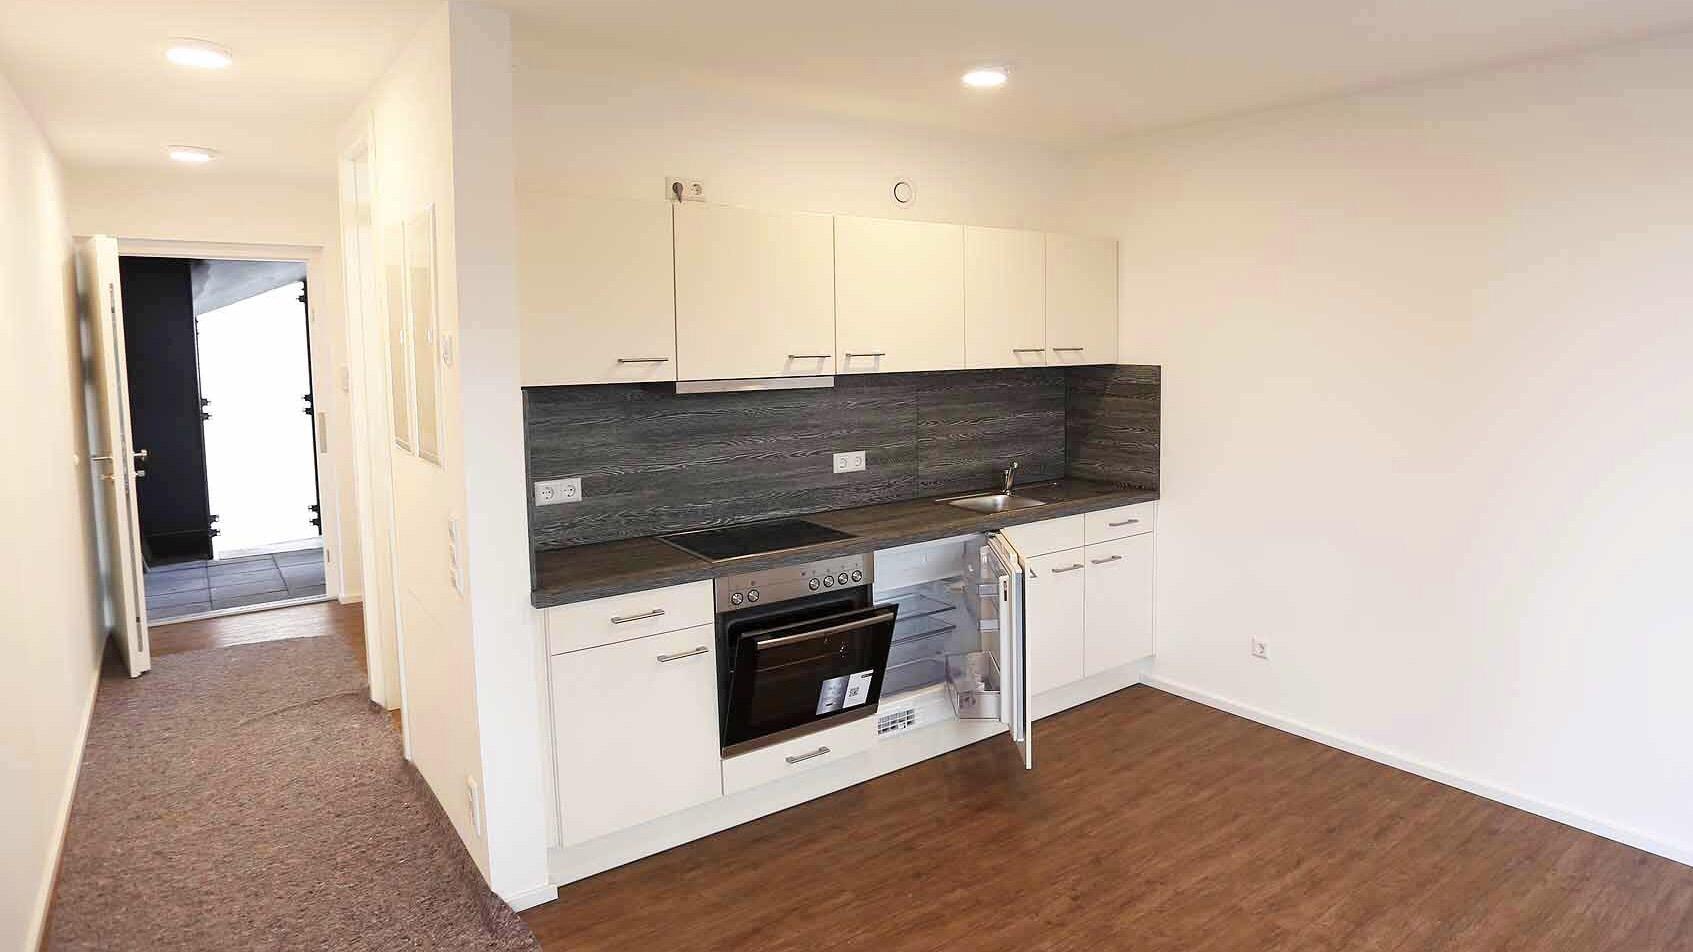 vermietet obj nr 1225 klein und fein neubau. Black Bedroom Furniture Sets. Home Design Ideas